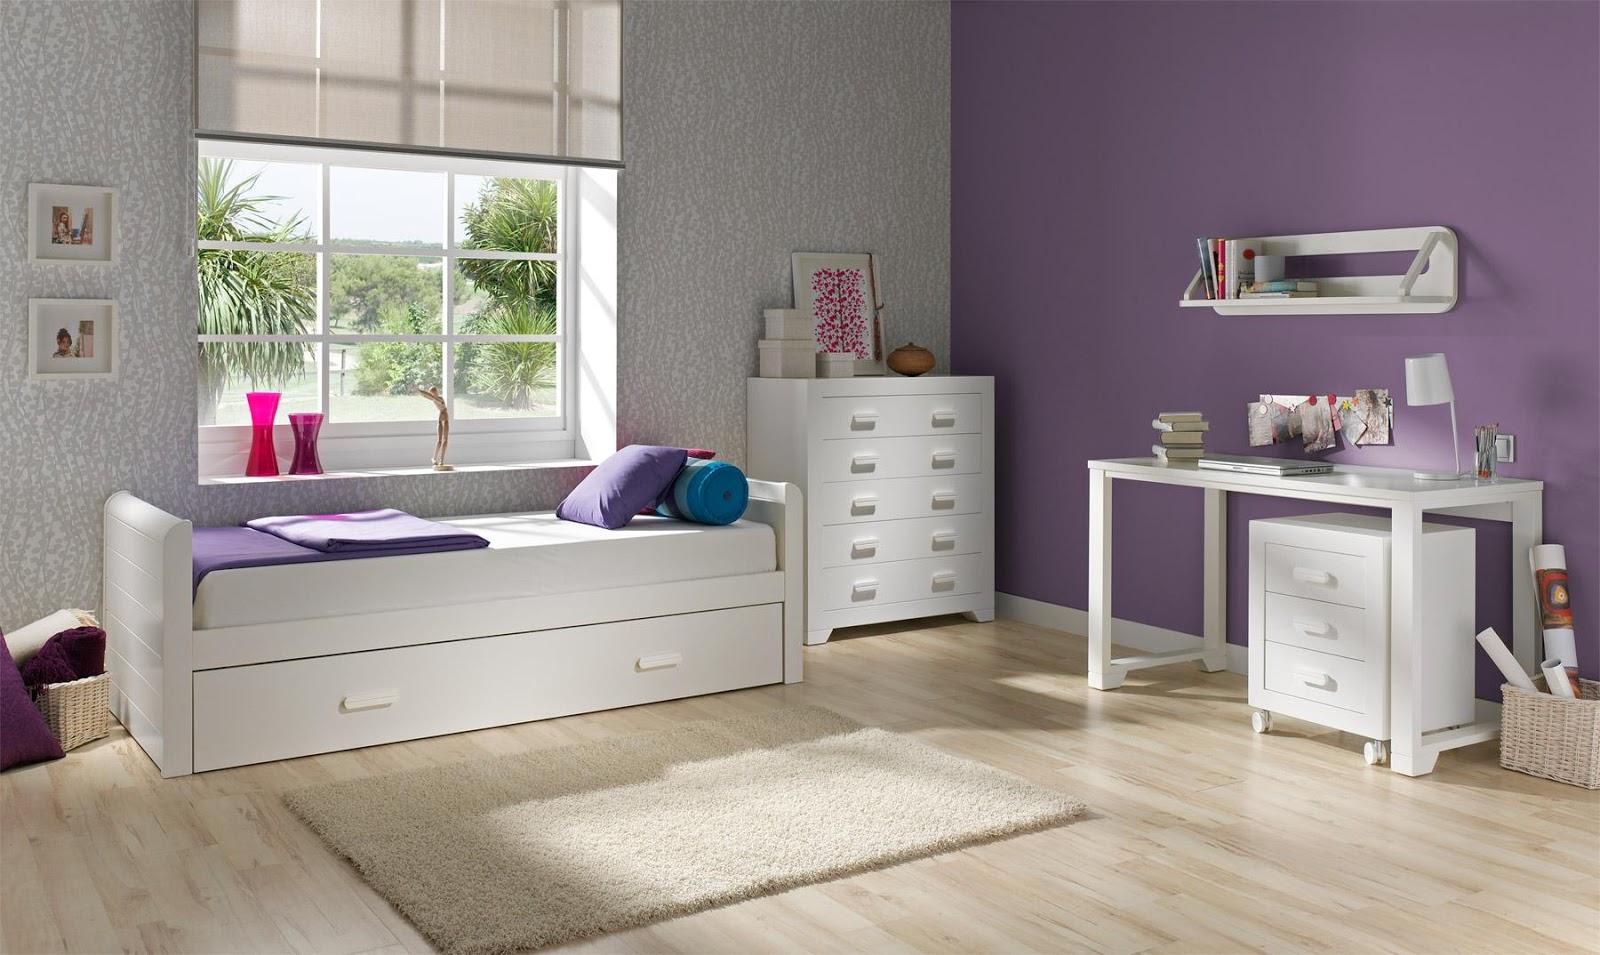 Limpiar muebles lacados en blanco - BMuebles